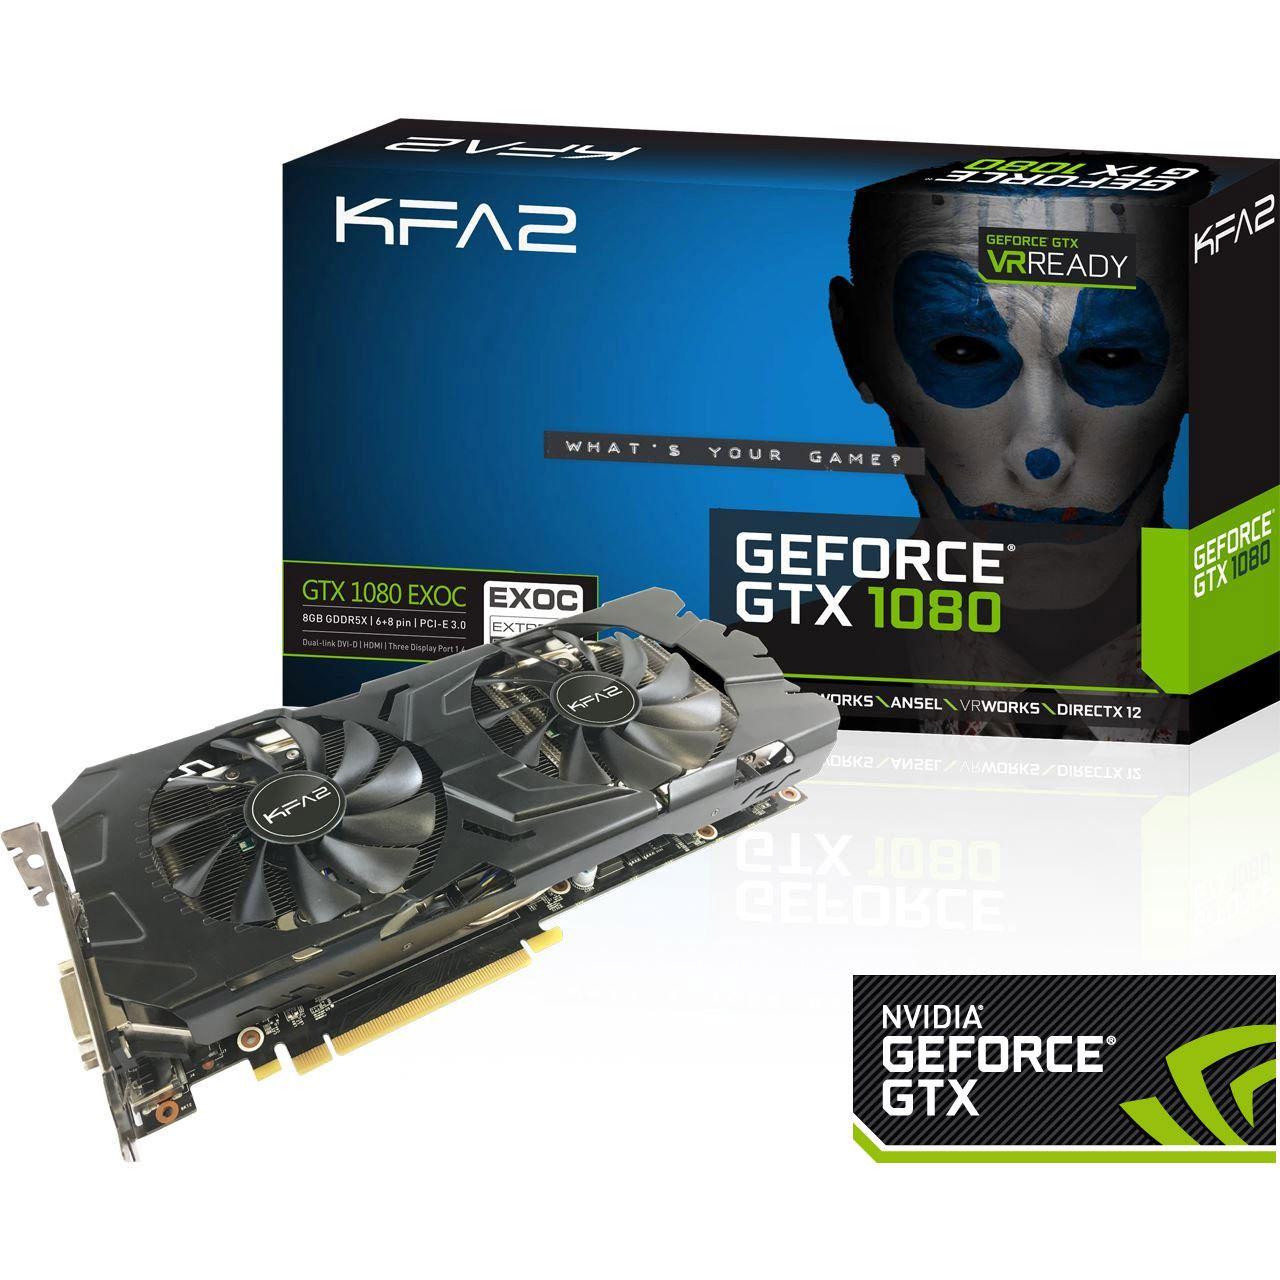 [Mindfactory] KFA² GeForce GTX 1080 EX OC für 599€ + Gears of War 4 gratis dazu